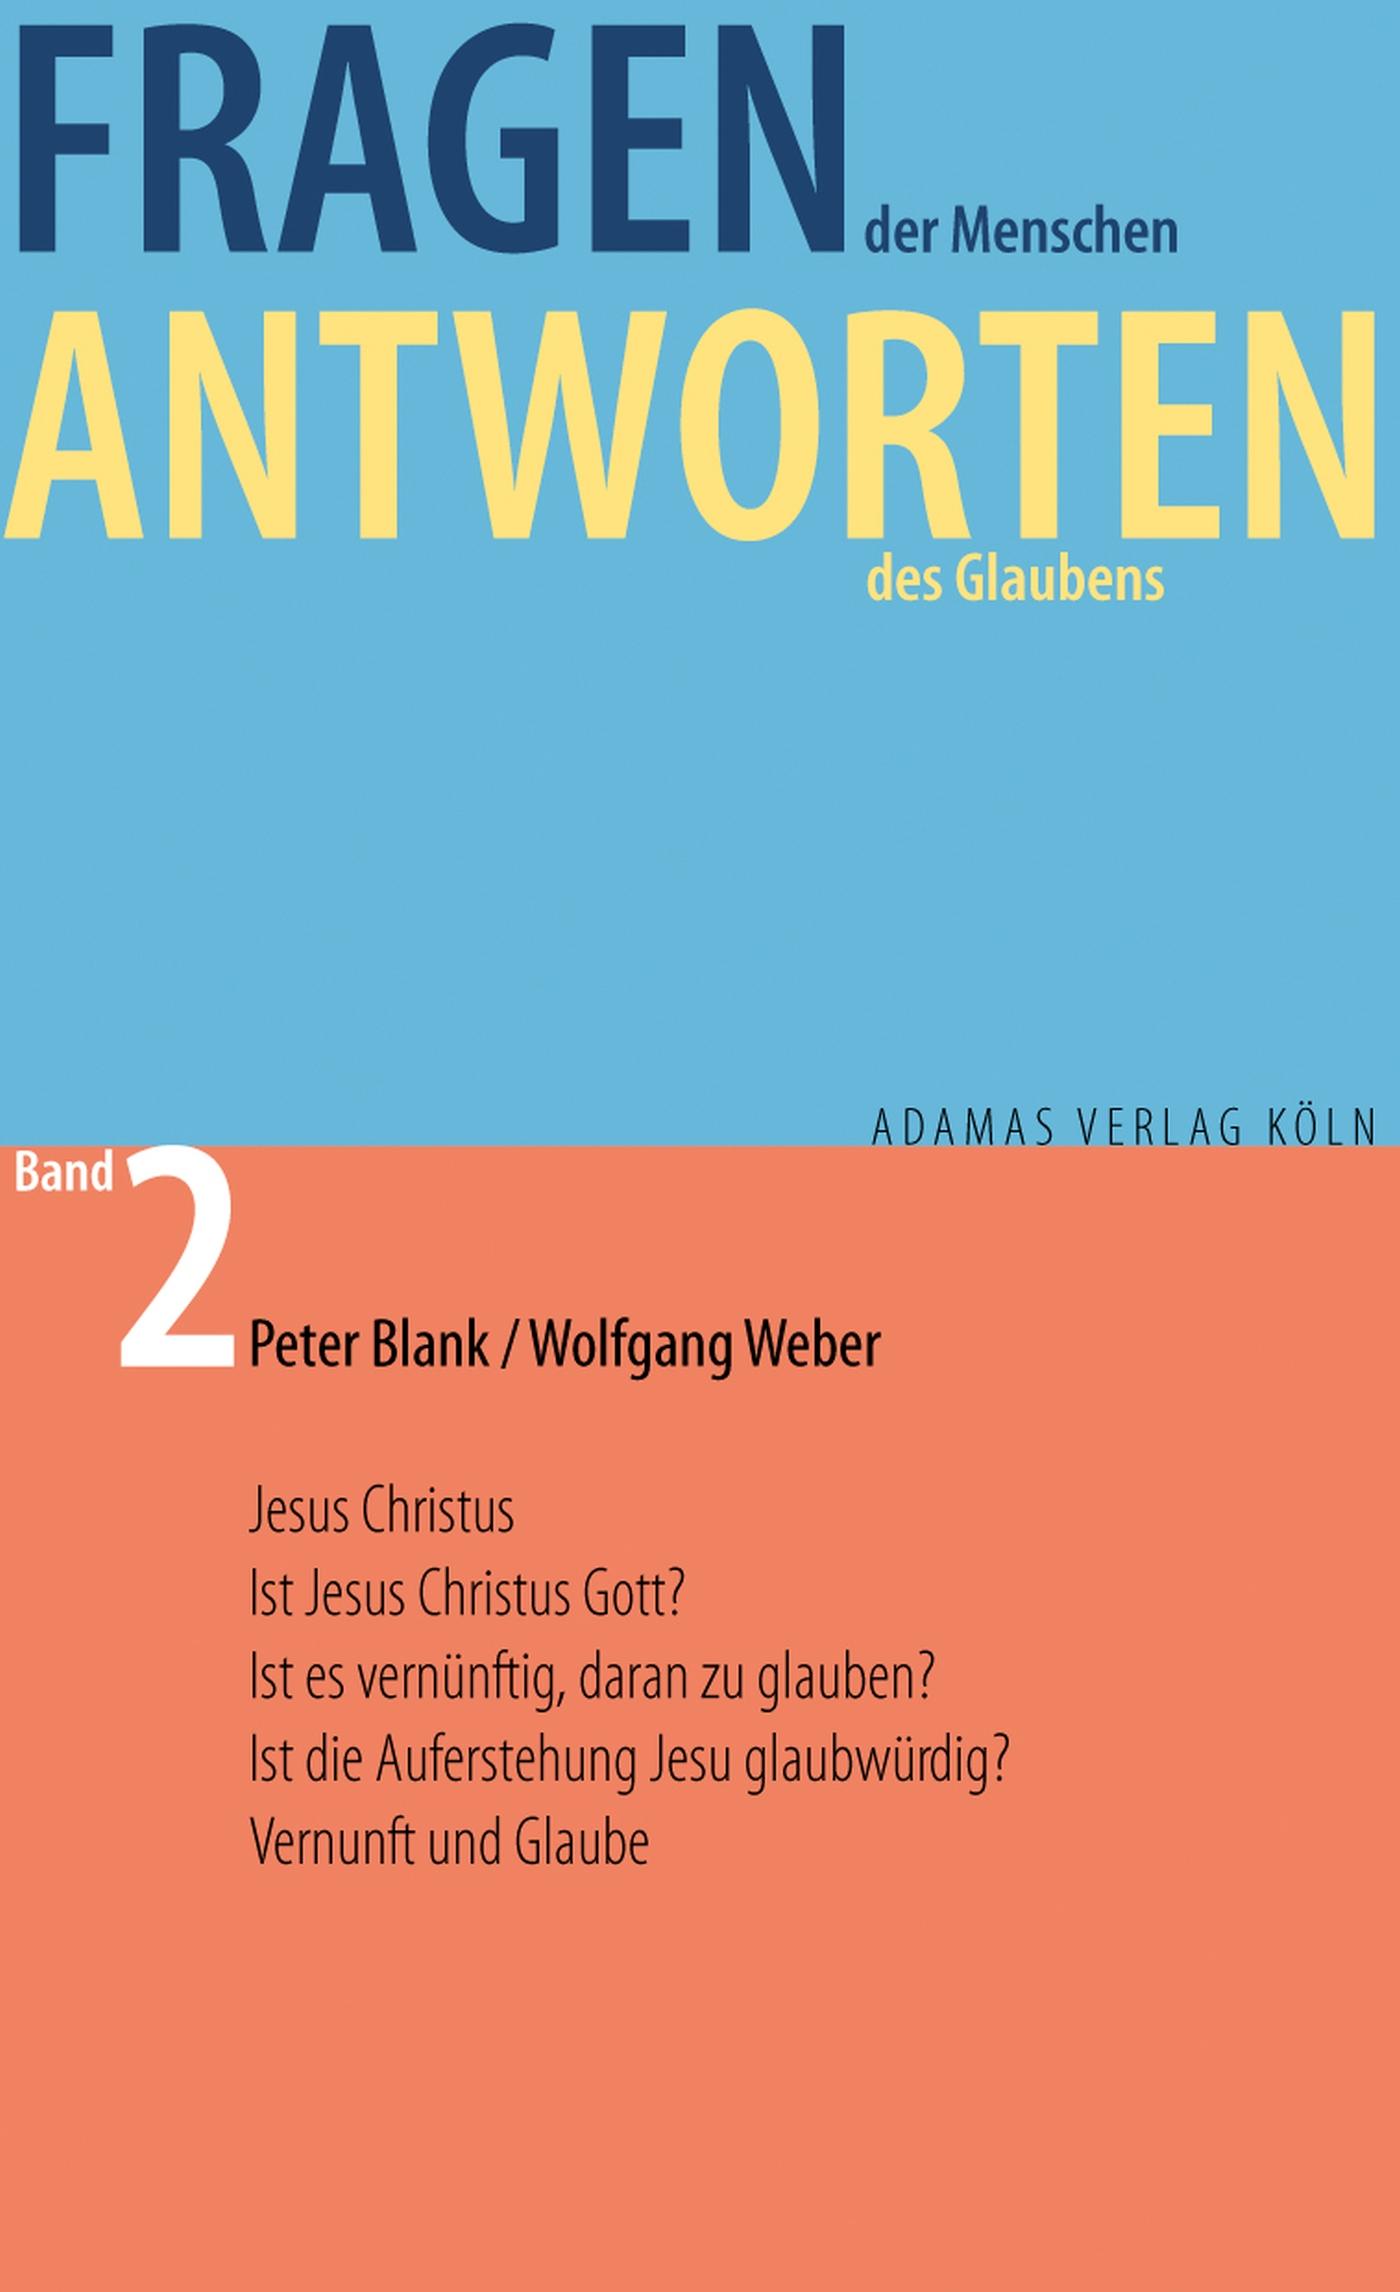 Peter Blank Fragen der Menschen, Antworten des Glaubens. games [a2 b1] fragen und antworten isbn 9788853611673